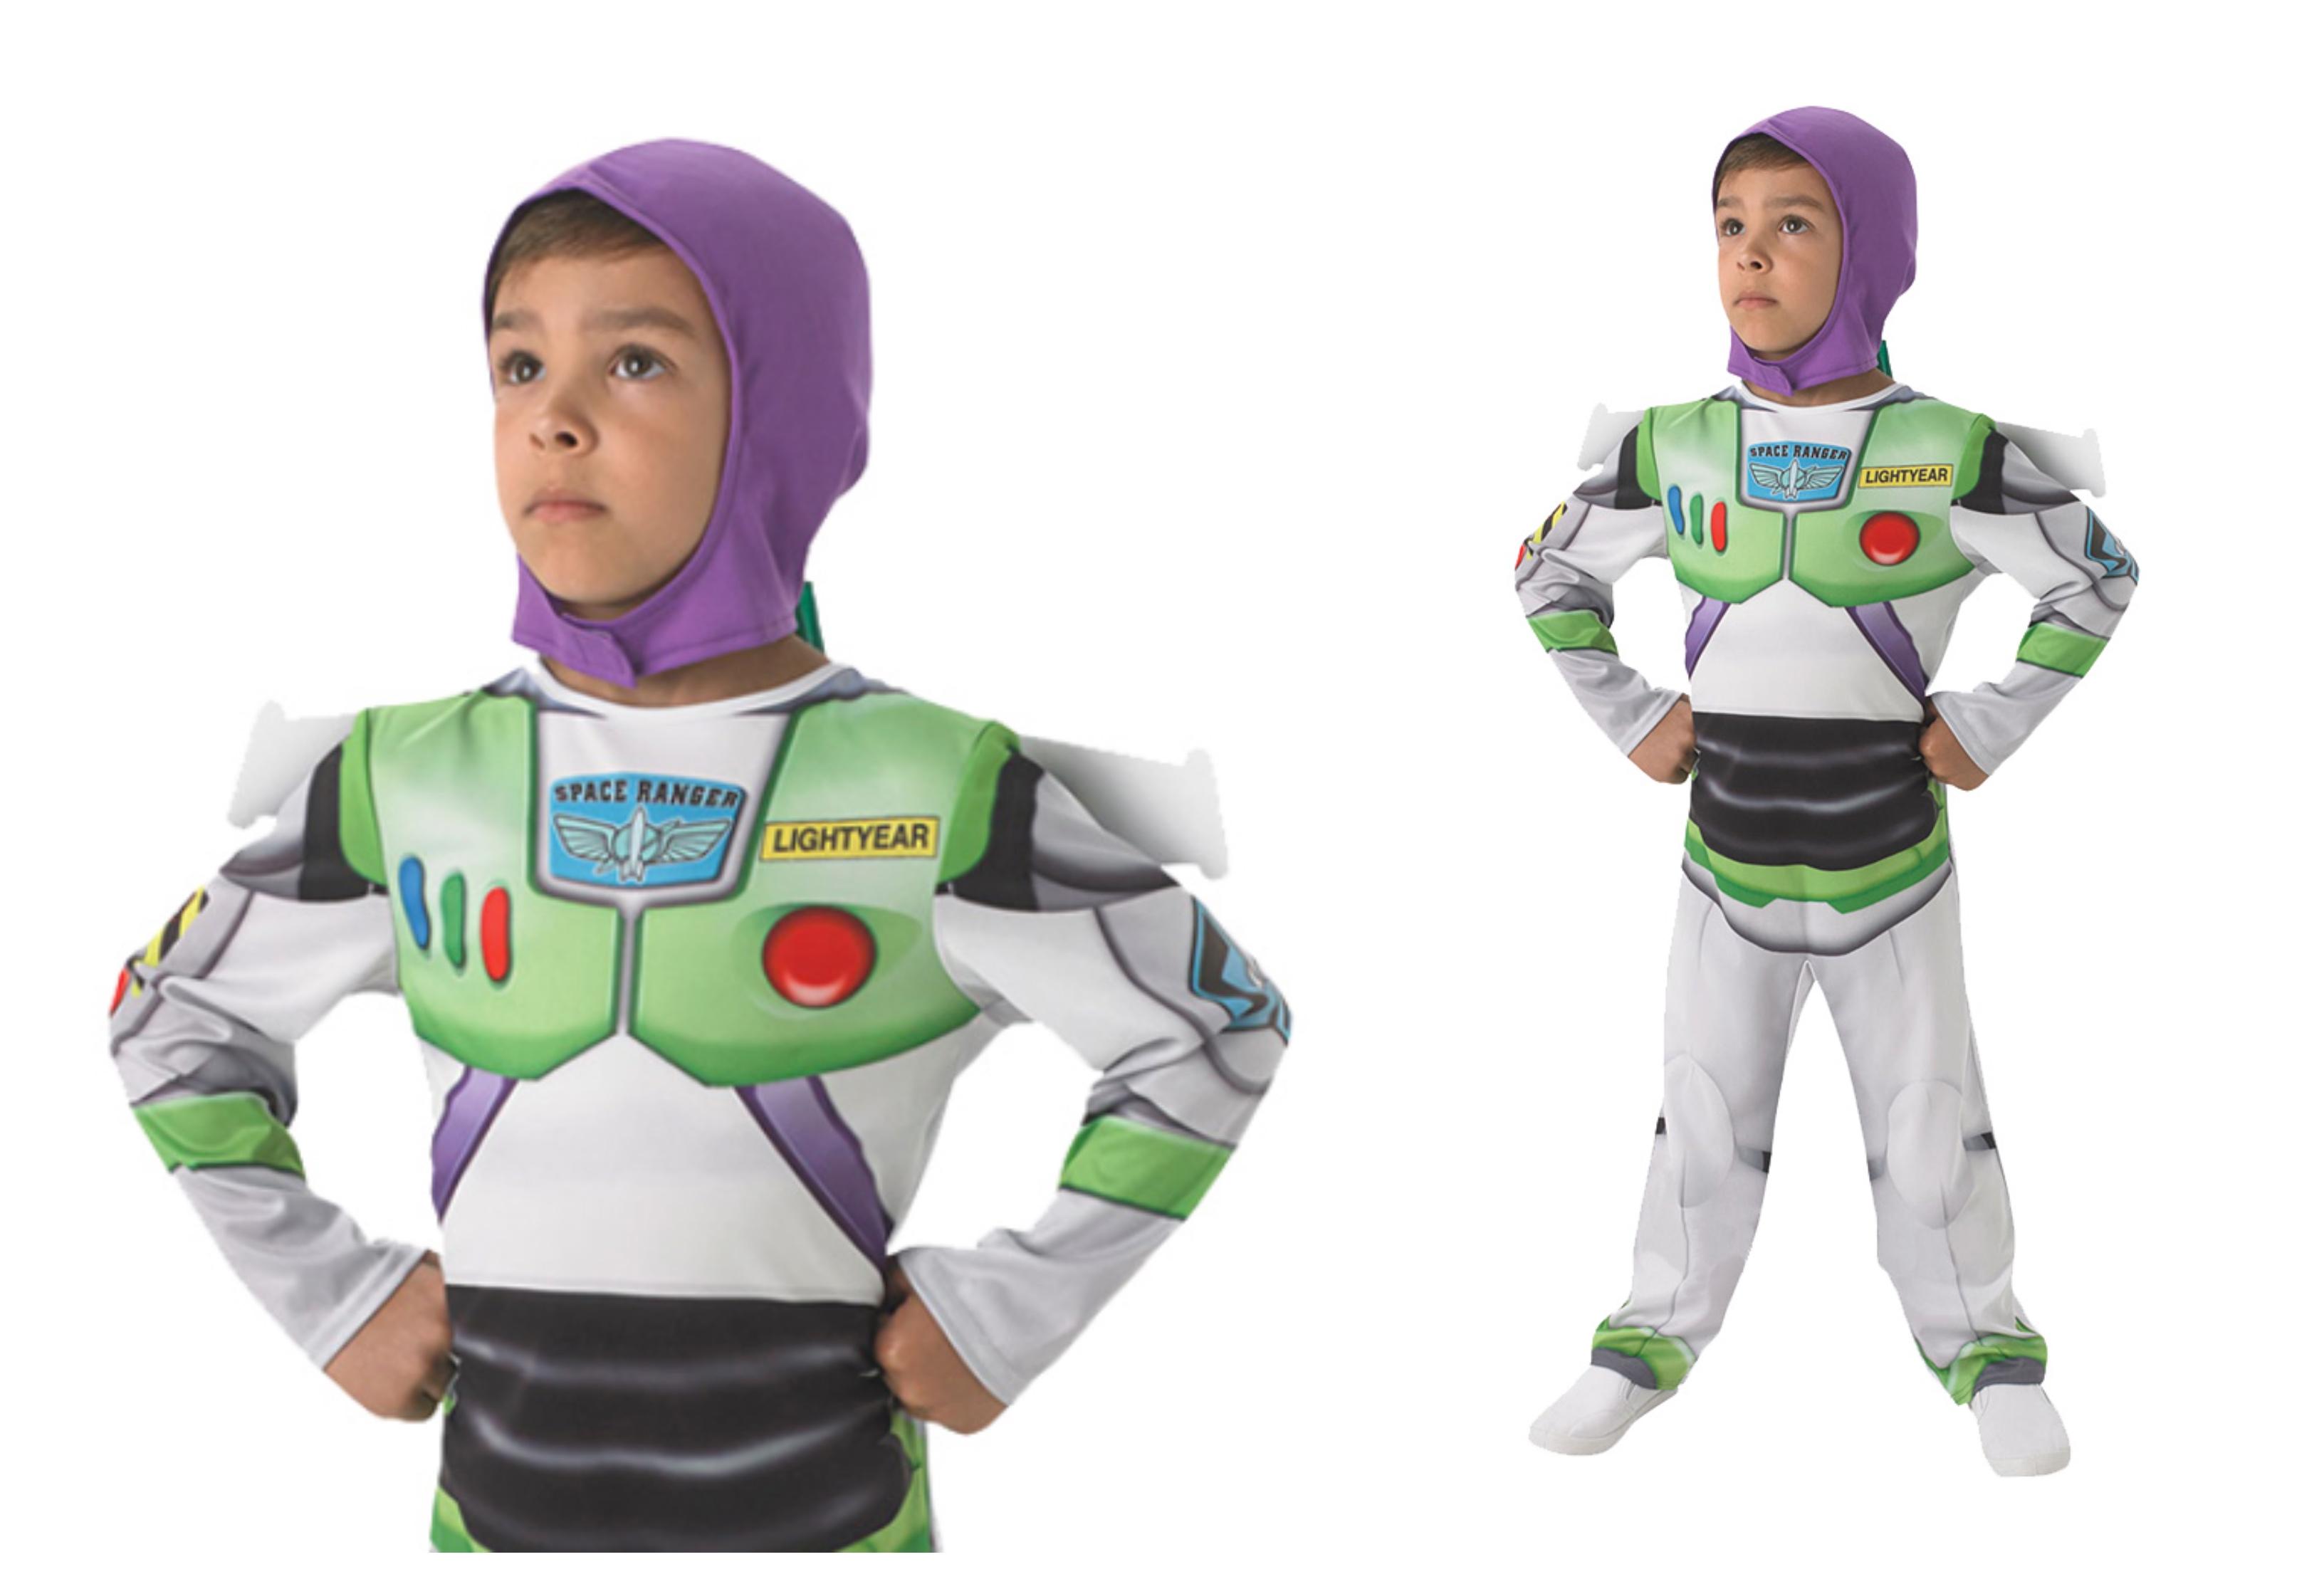 BUZZ LIGHTYEAR kostume - Toy Story børnekostumer